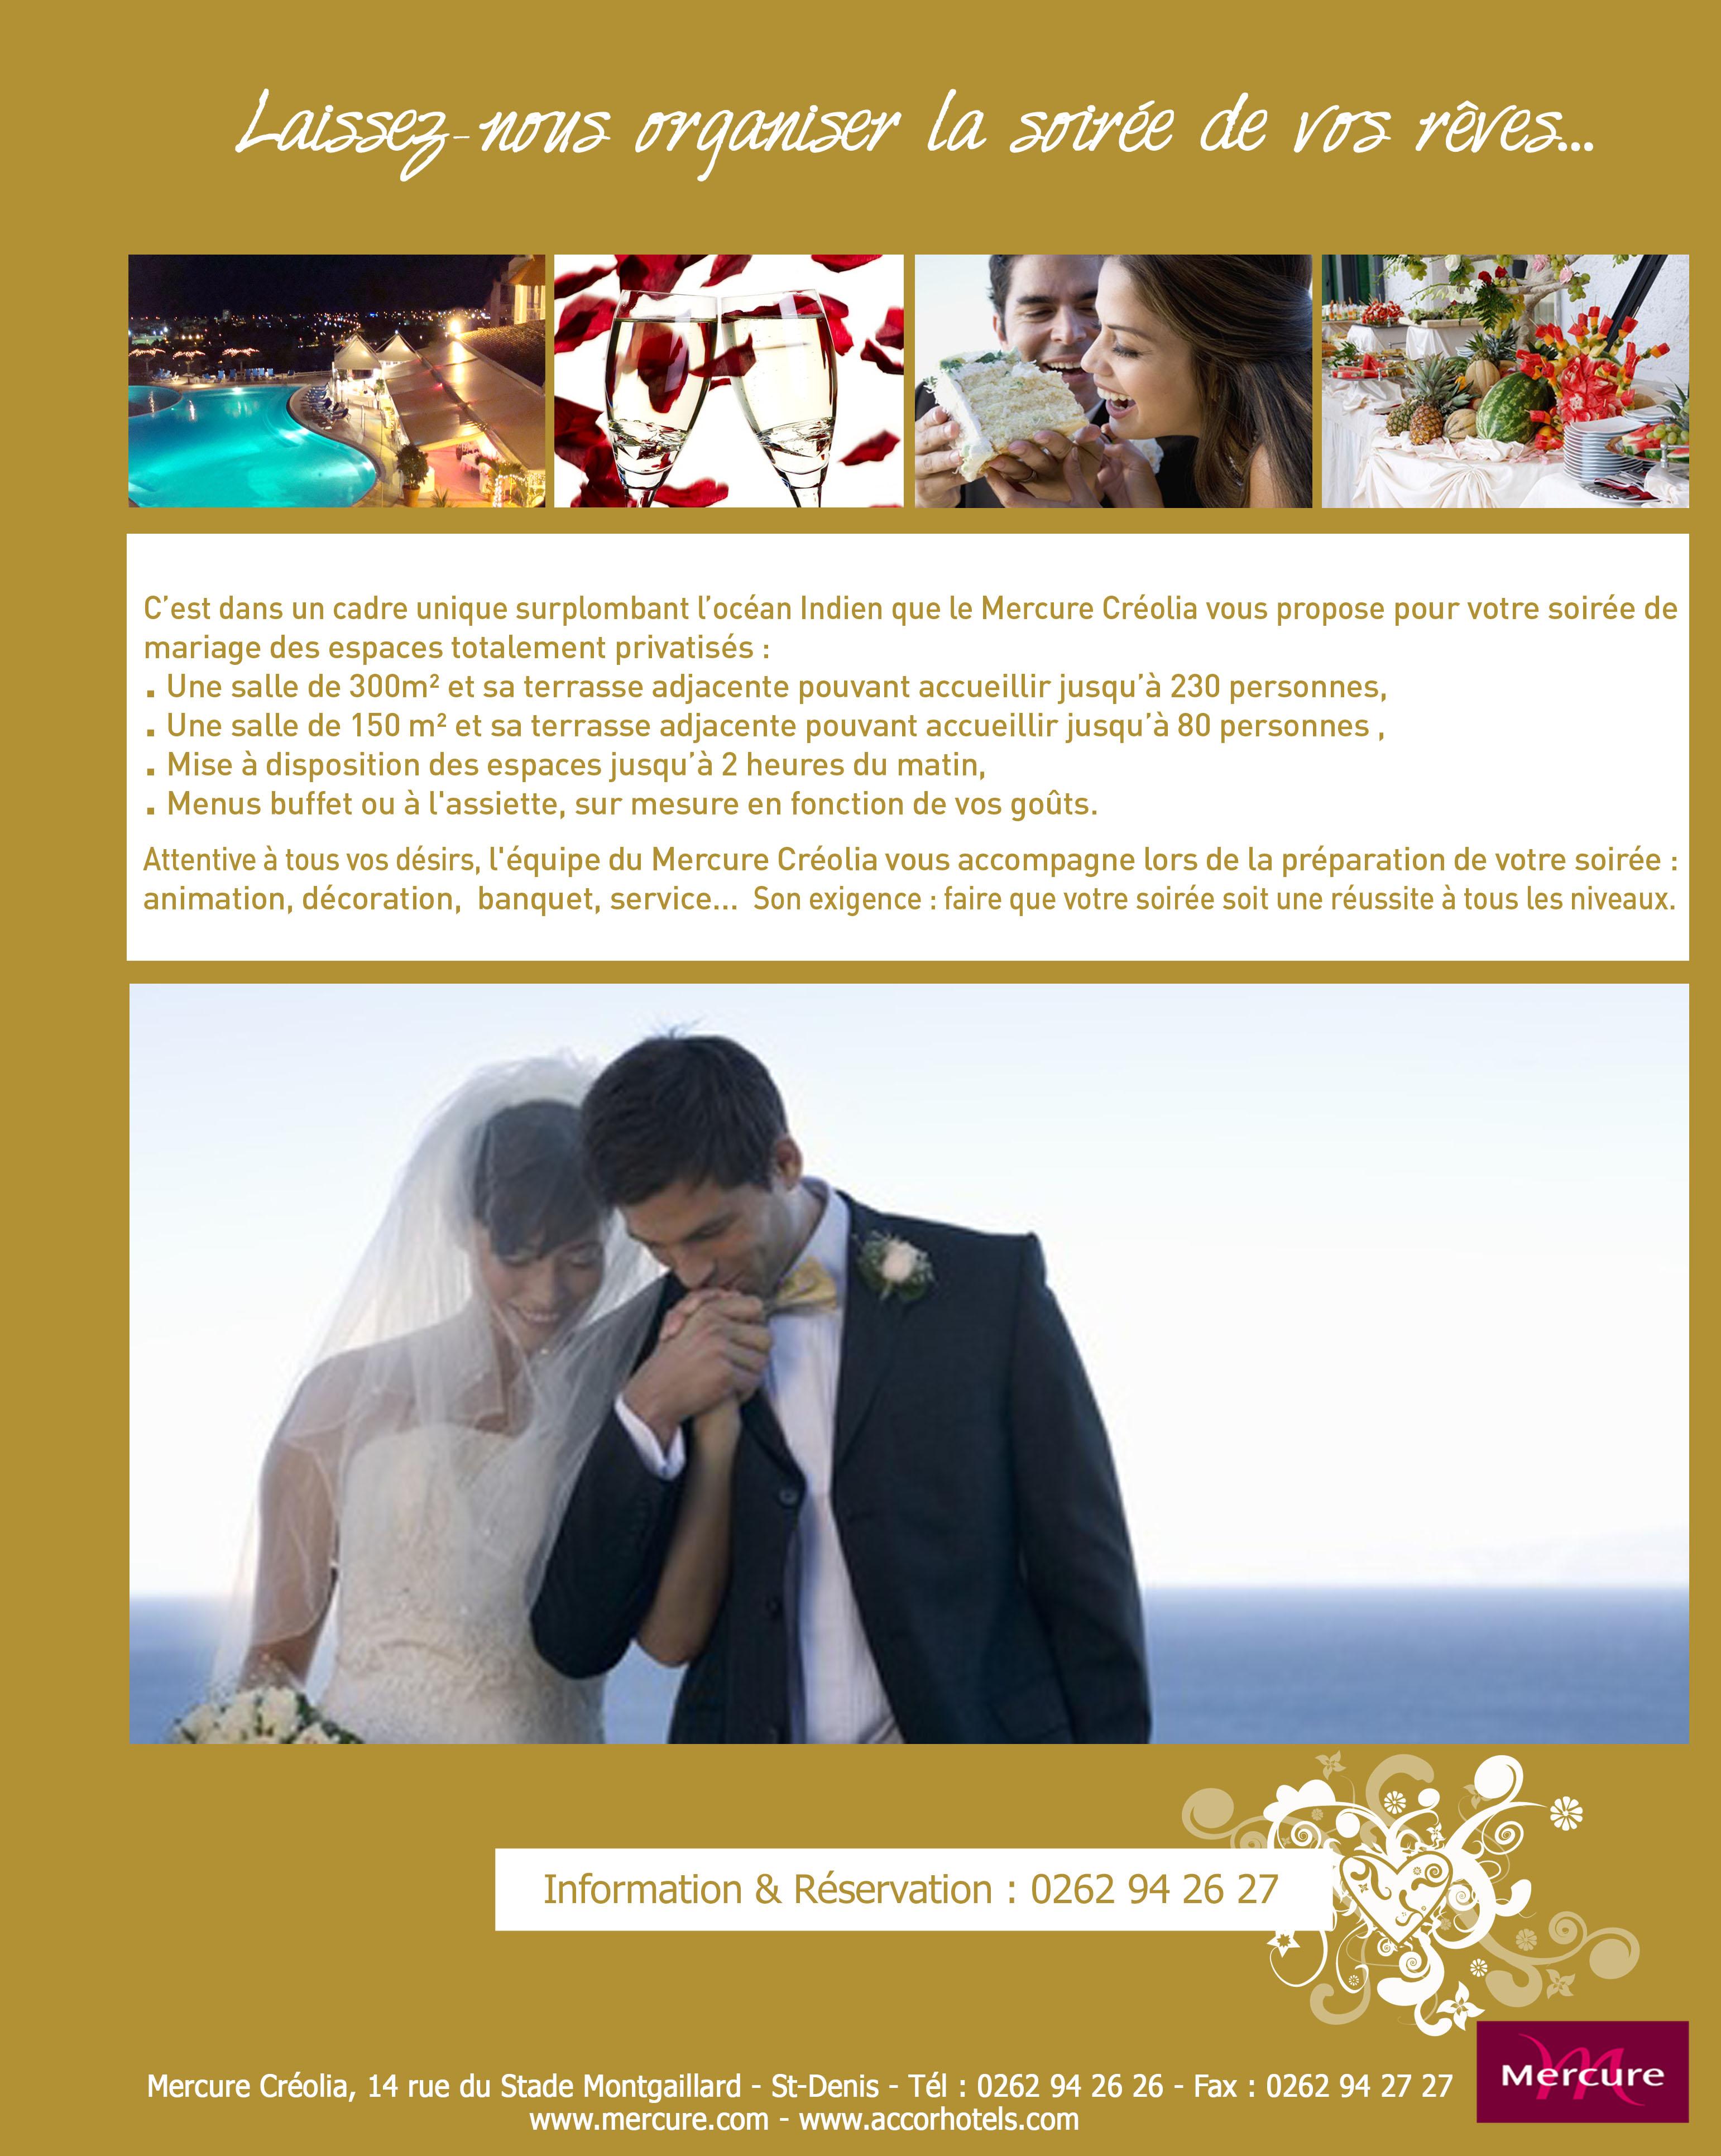 pécial_mariage_quotidien_2011